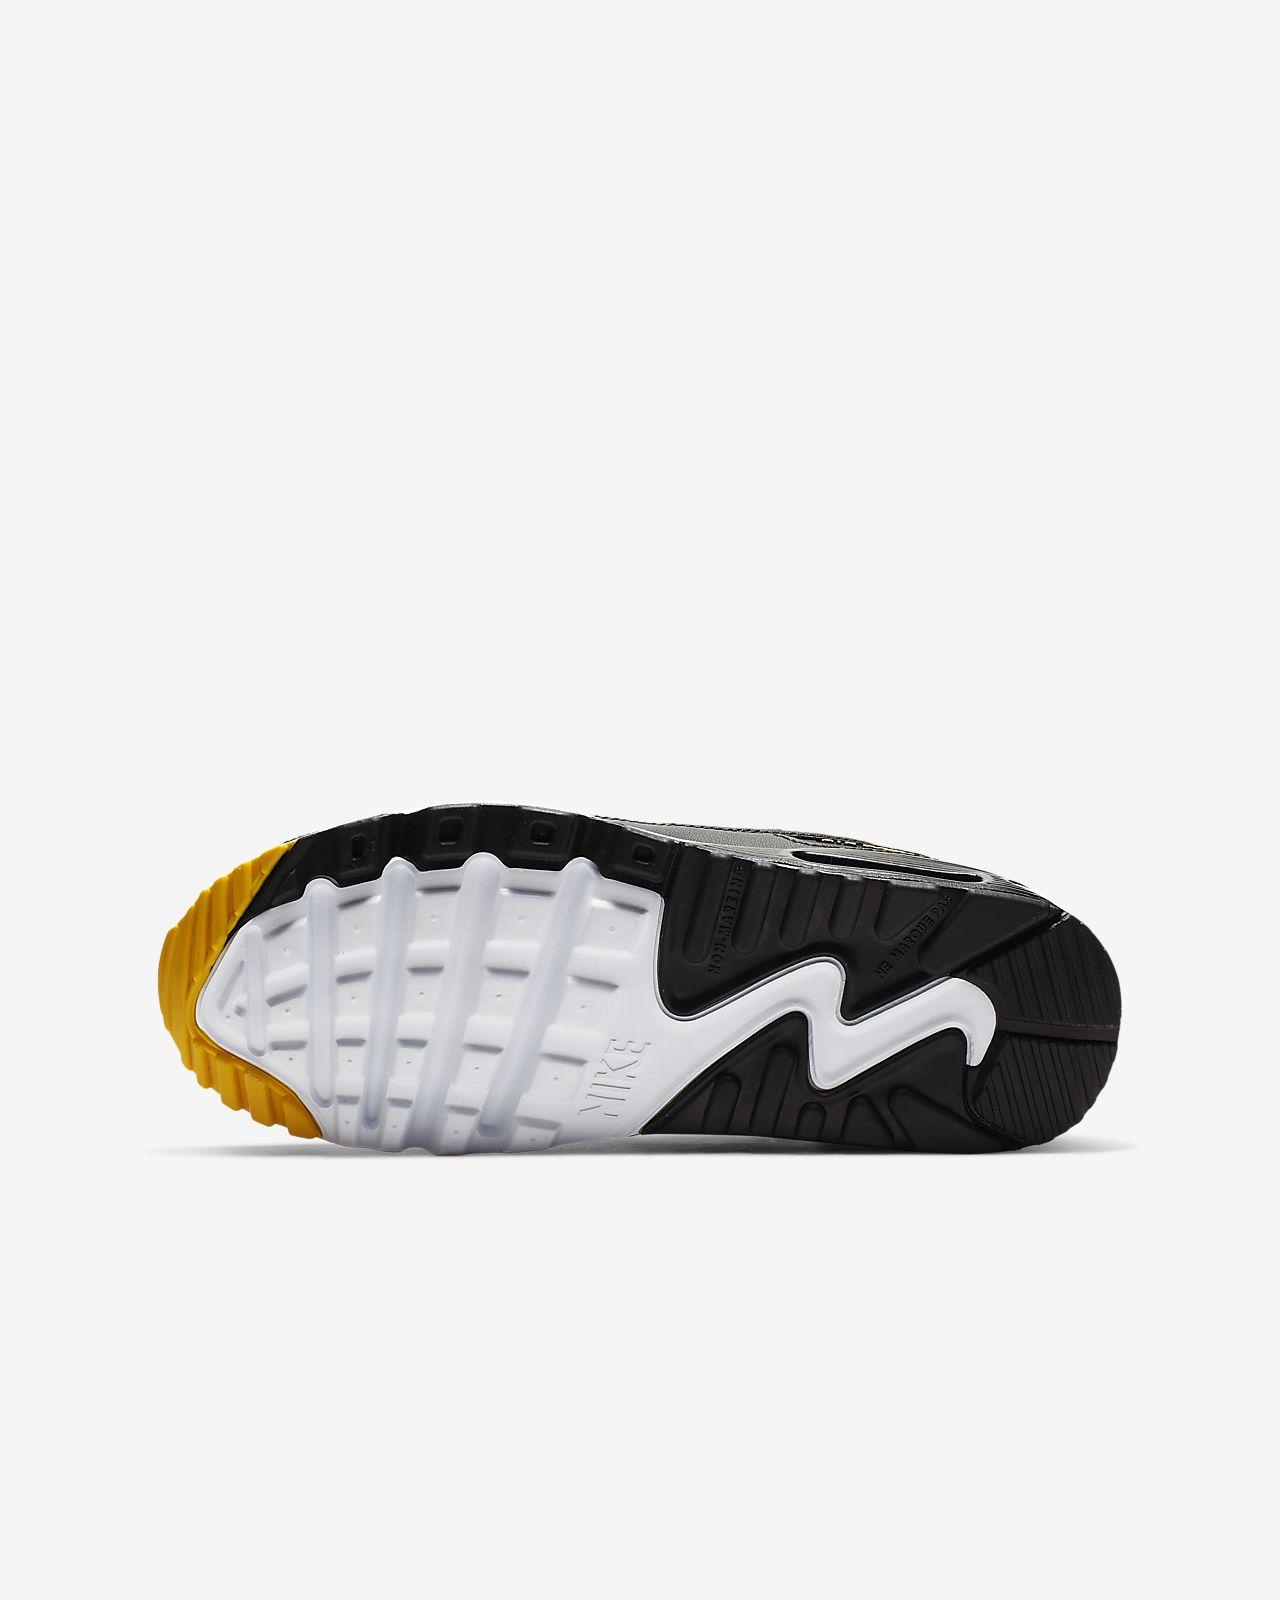 5d2d3486fa787 Chaussure Nike Air Max 90 Mesh pour Enfant plus âgé. Nike.com BE